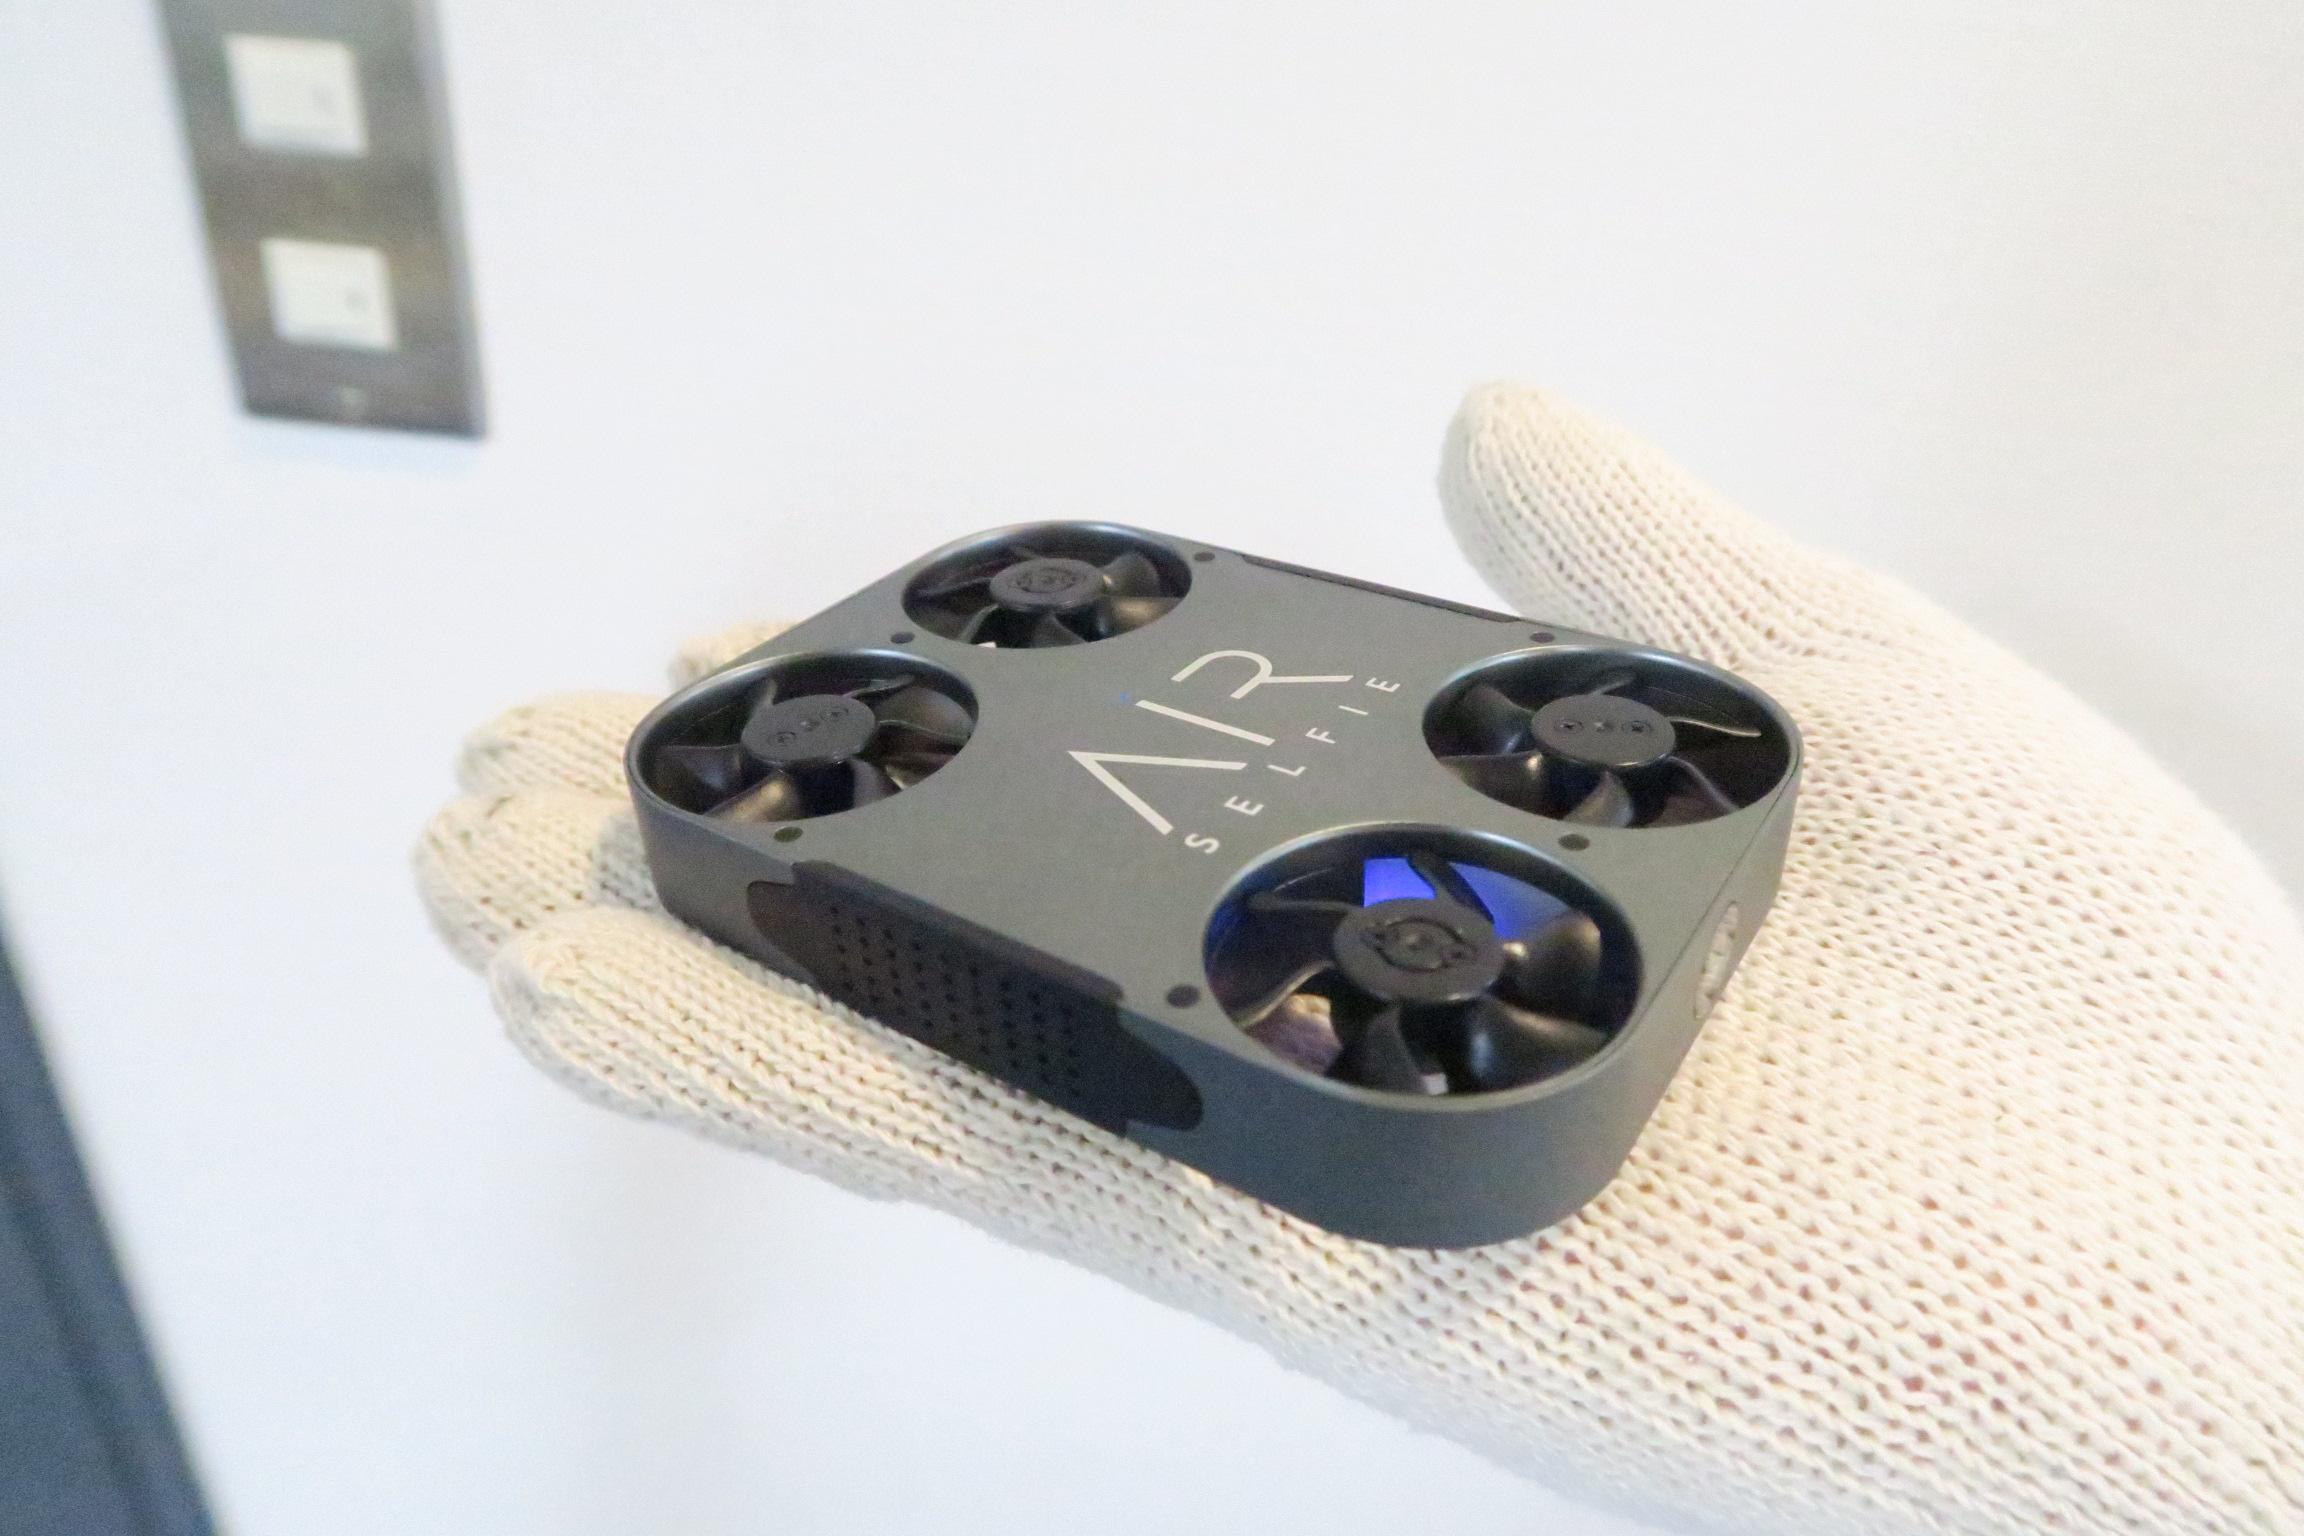 小型ドローン「AirSelfie 2」(エアーセルフィー)を実機レビュー!自撮りに最適な最新ドローン